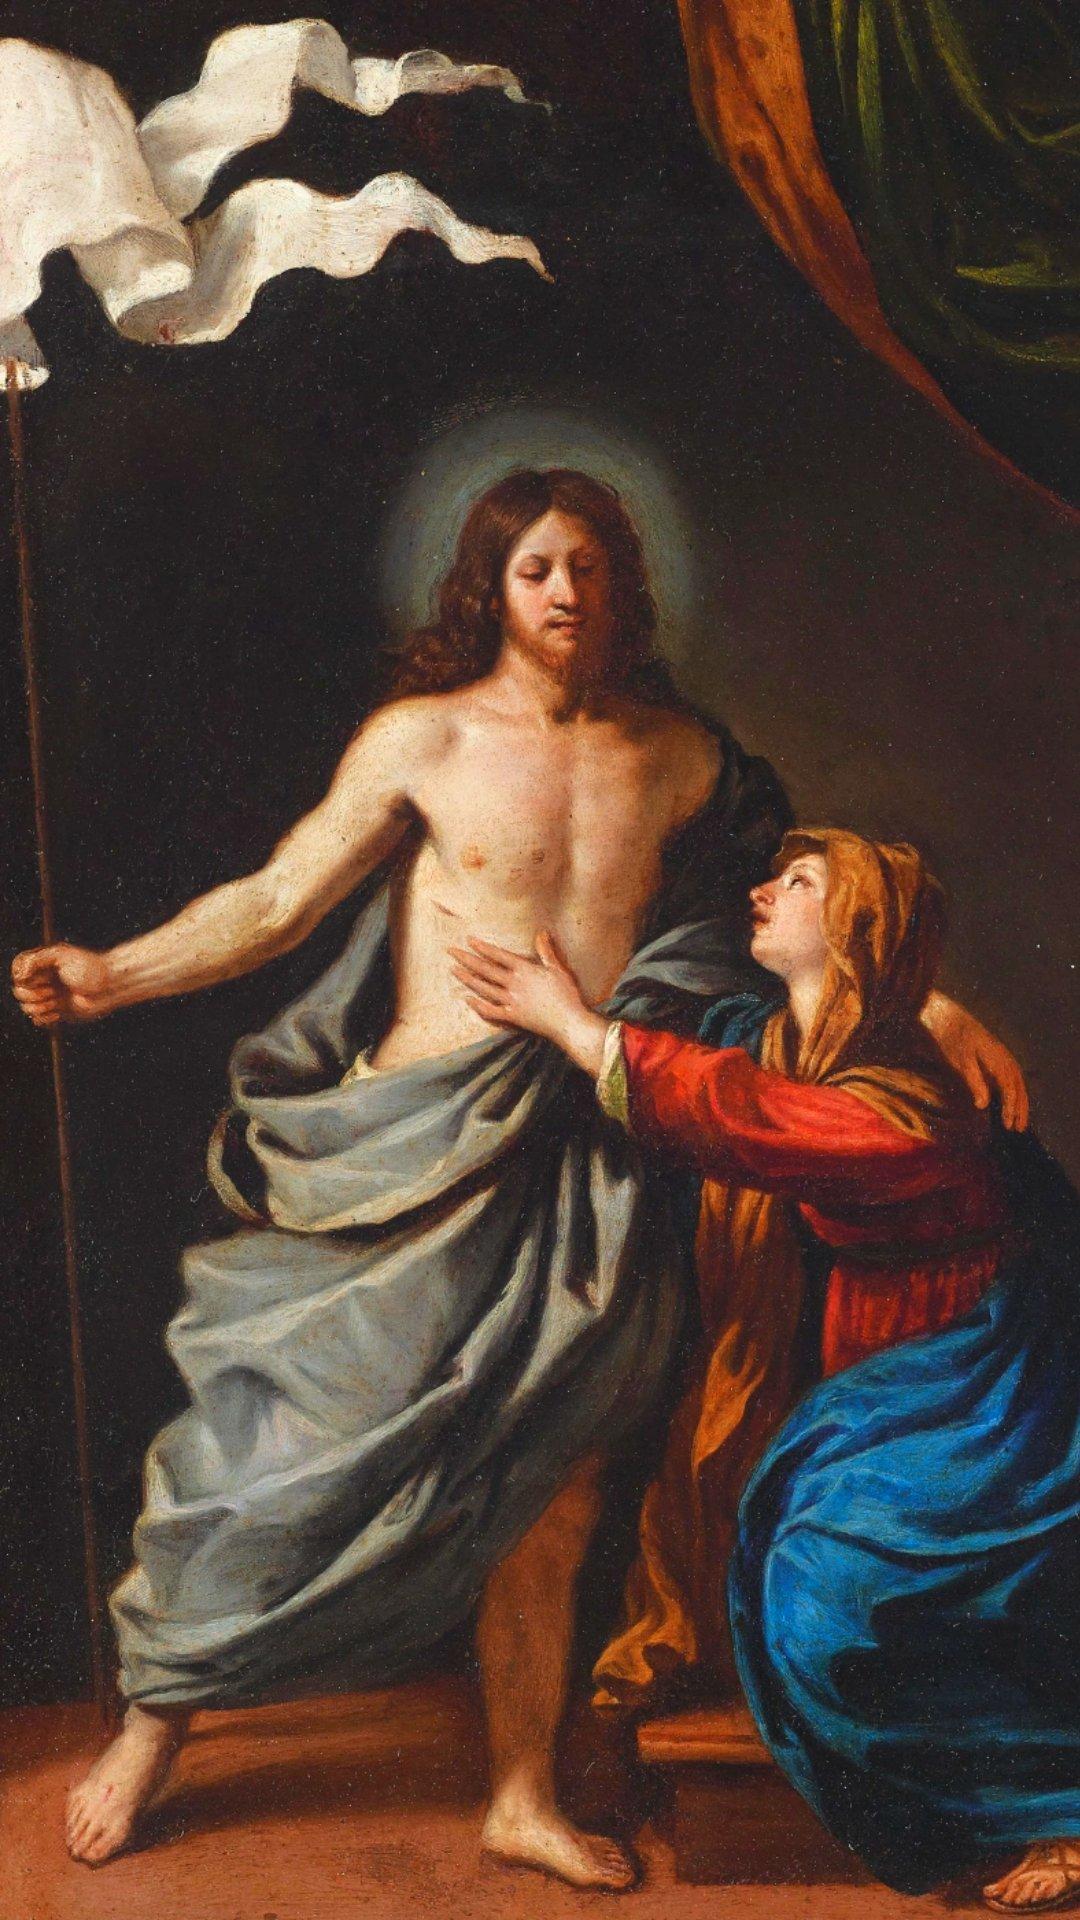 Wallpaper de Jesus Cristo Ressuscitado com a Virgem Maria para celular